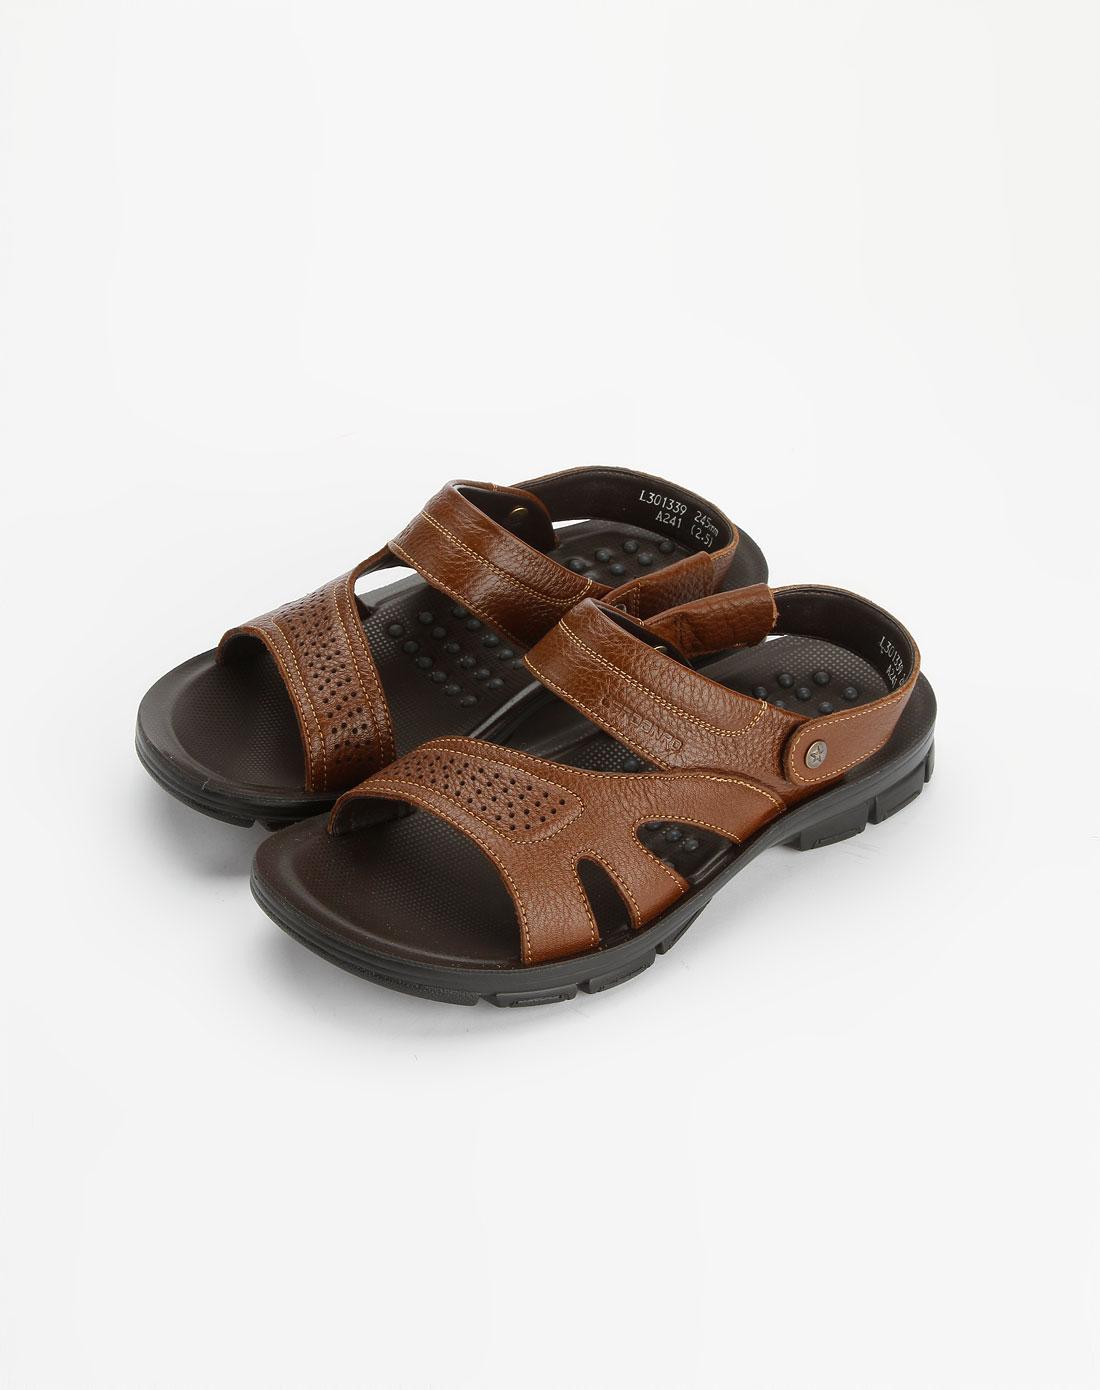 卡丹路cardanro土黄色时尚休闲凉鞋l301339